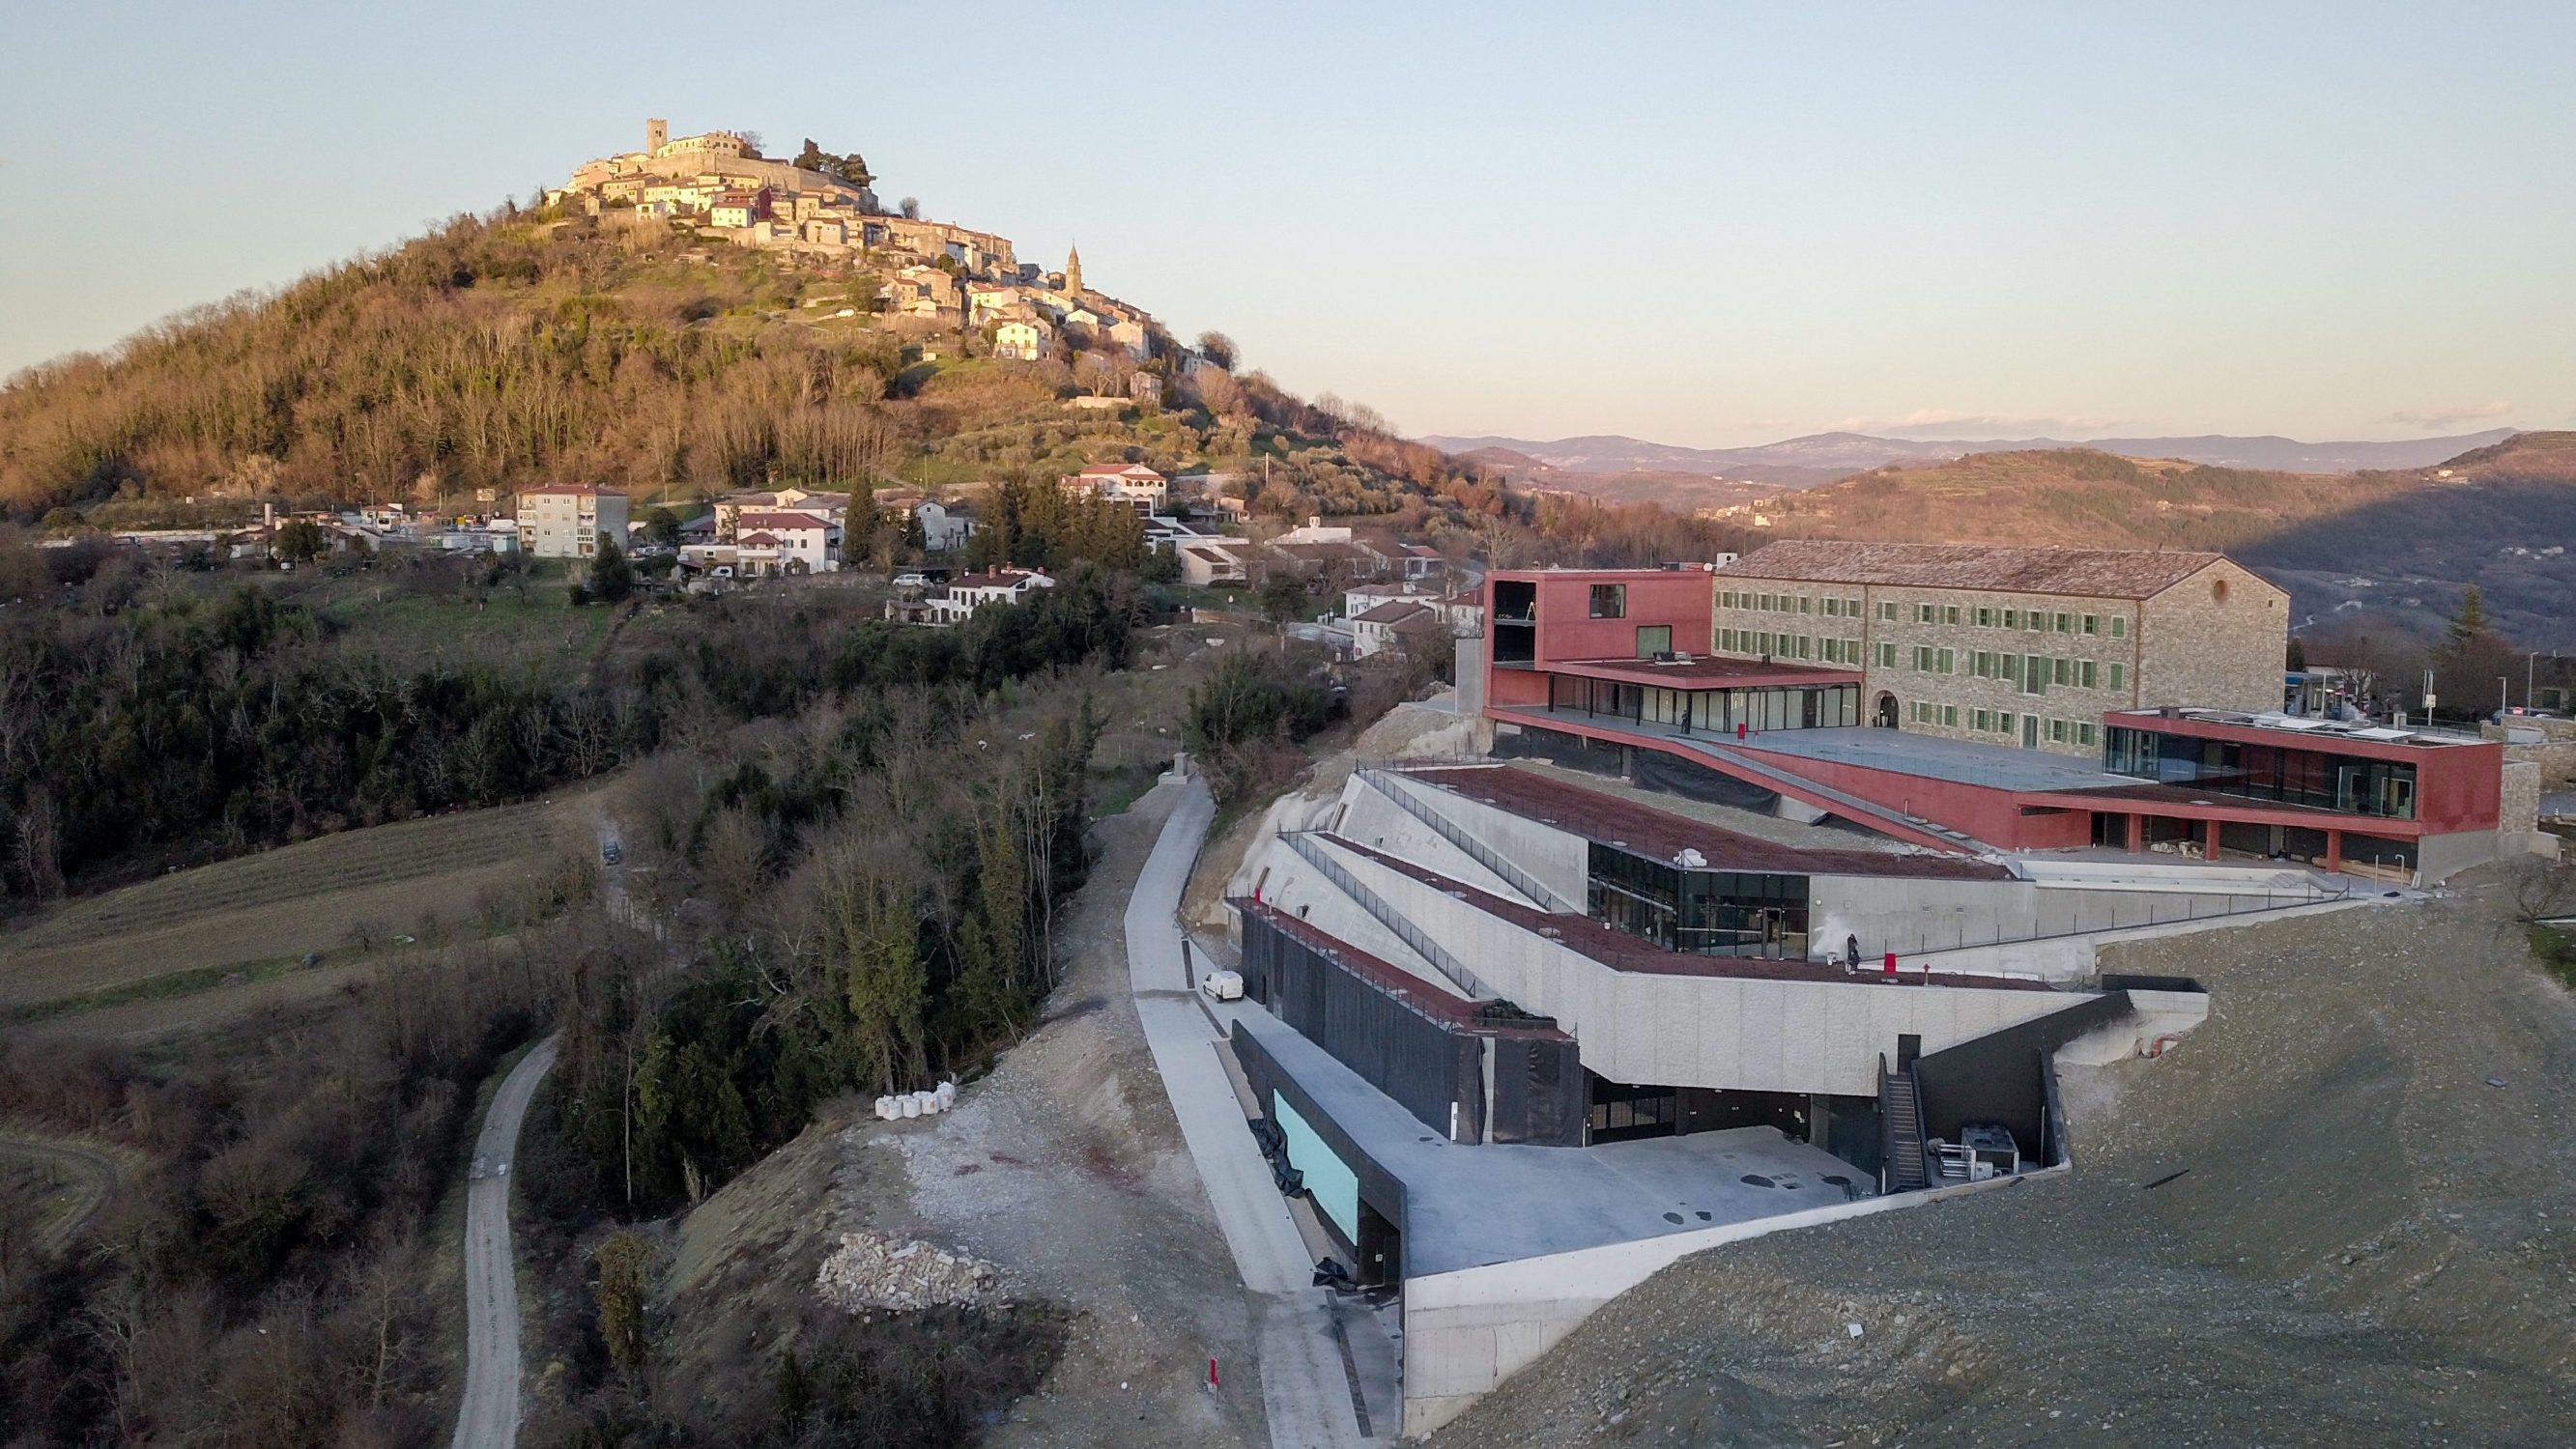 Motovun, 130219. Vinarija i hotel Roxanich. Na fotografiji: Vinarija i hotel Roxanich. Foto: Matija Djanjesic / CROPIX